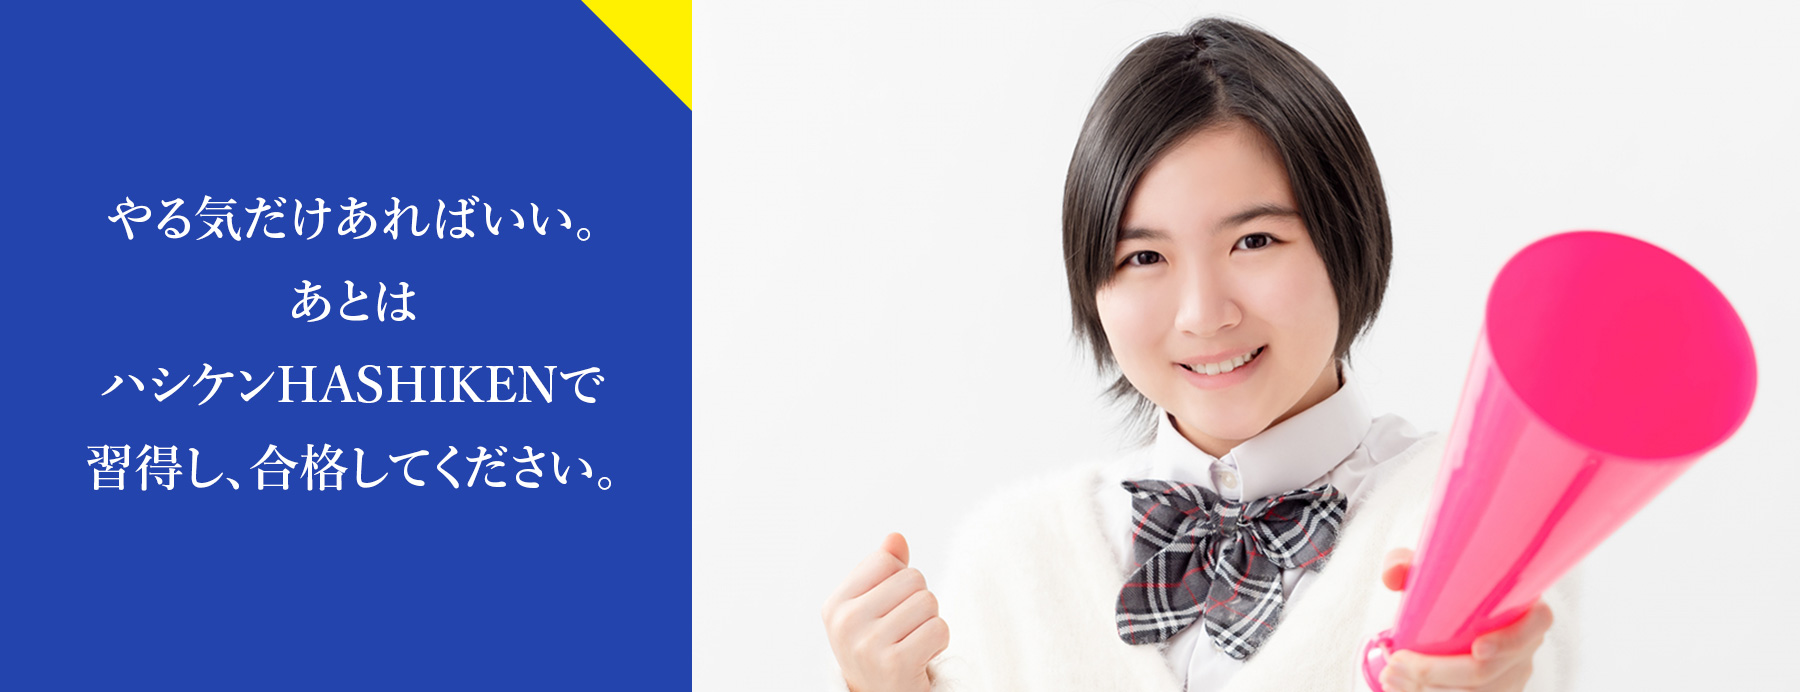 生徒募集 東大、早稲田、医学部など難関大合格は橋本の進学塾・予備校ハシケンHASHIKEN